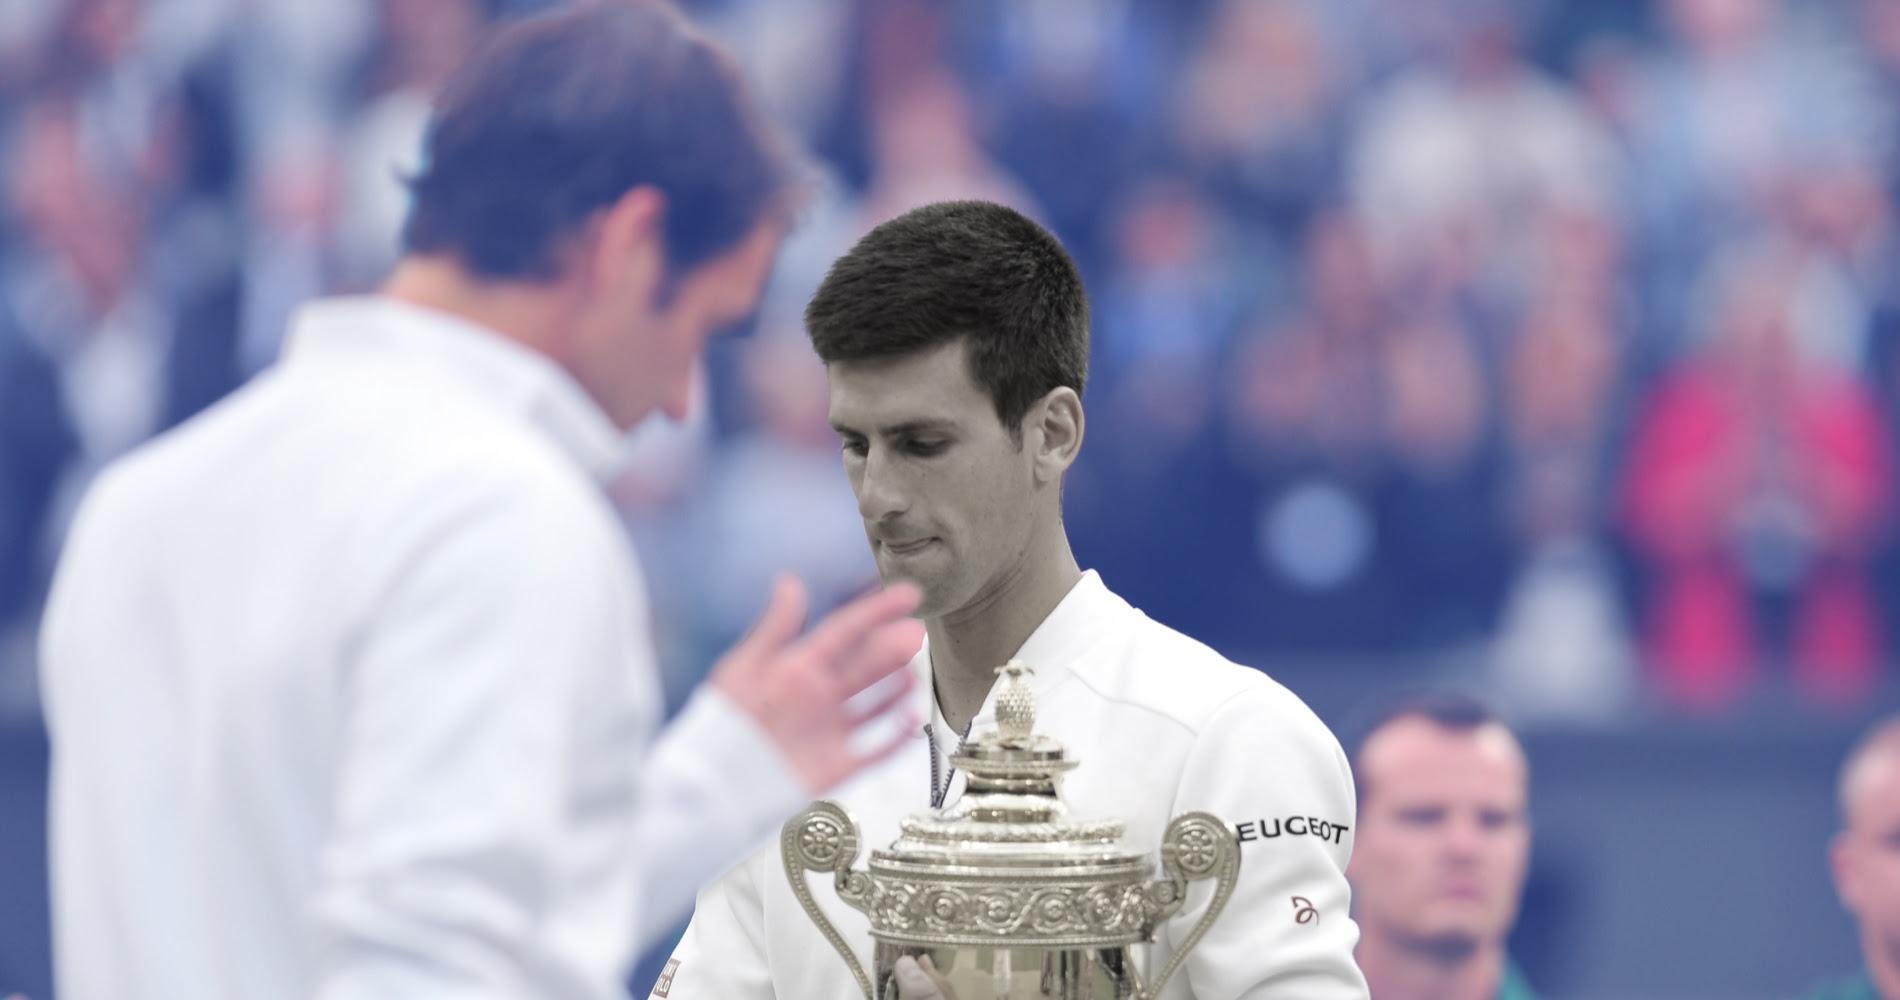 On this day: Novak Djokovic vs Roger Federer, Wimbledon 2015